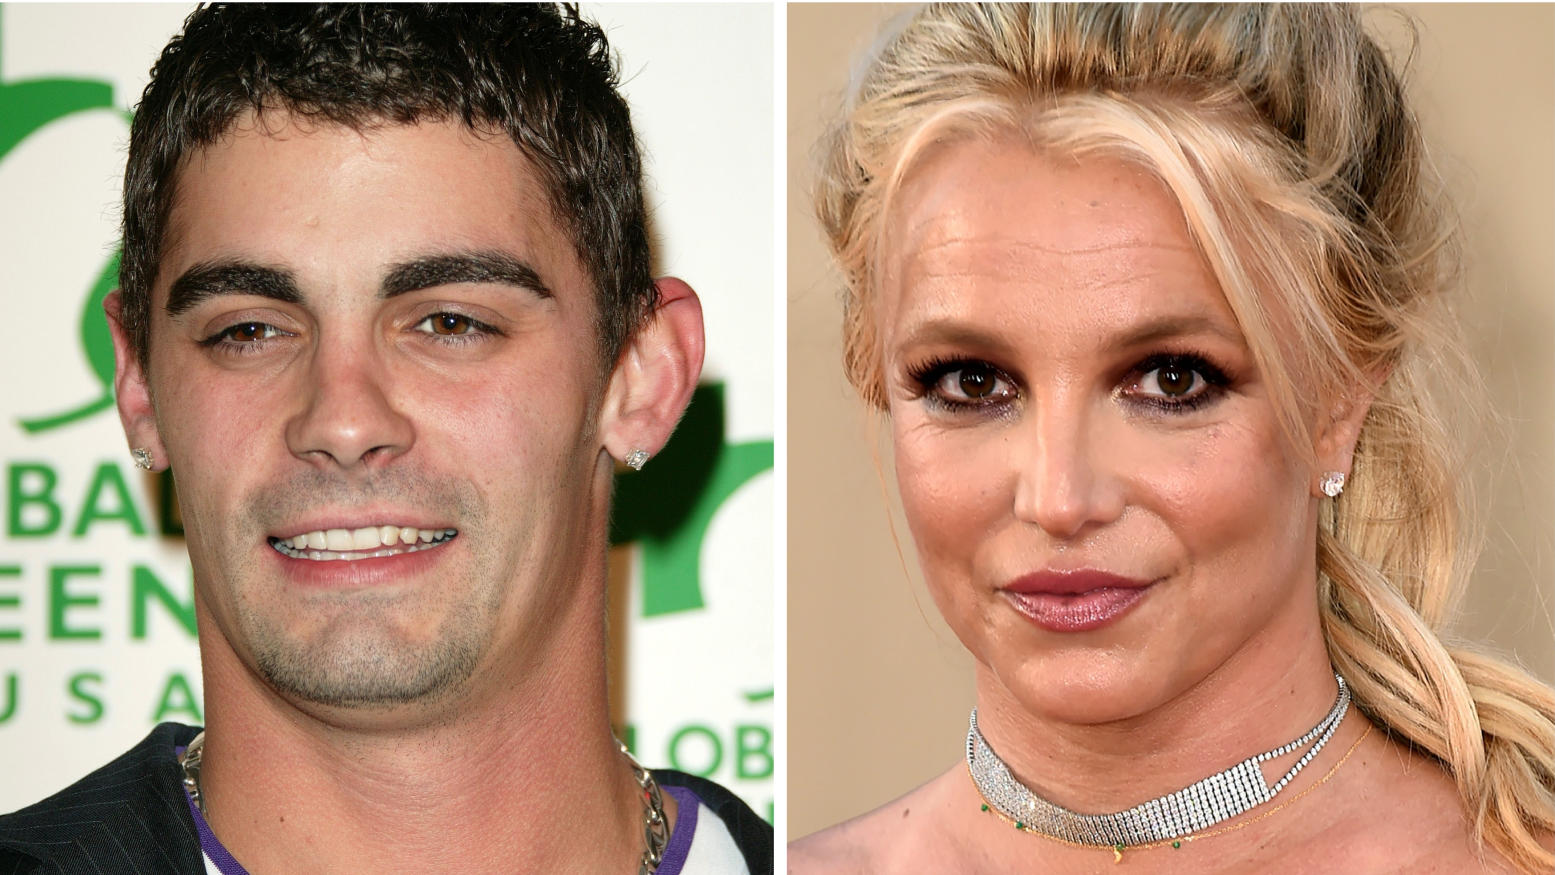 2004 heiratete Britney ihren Kinderfreund Jason Alexander in Vegas - die Ehe hielt aber nur 55 Stunden.